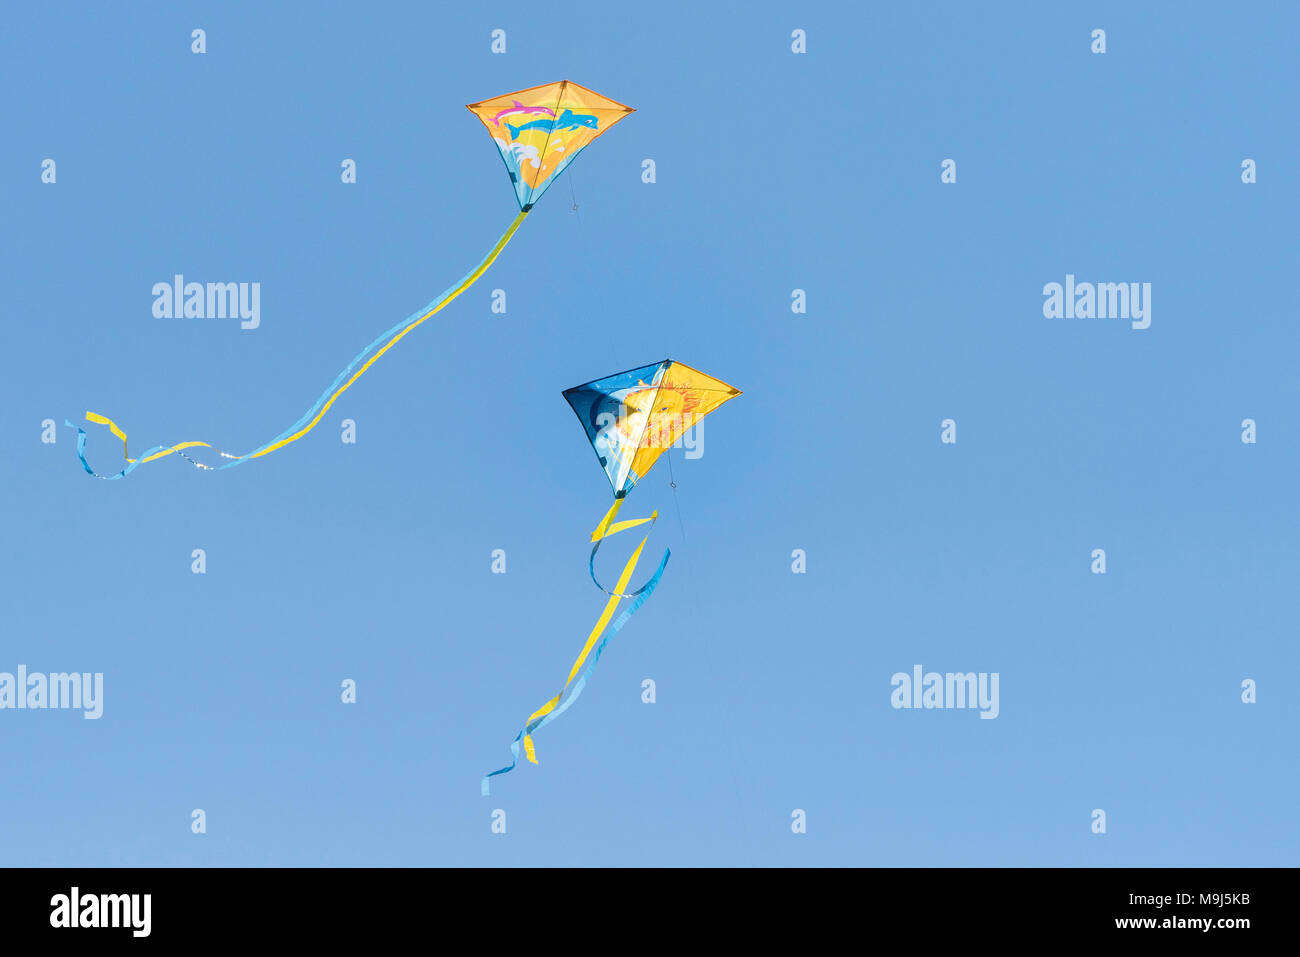 Deux cerfs-volants colorés voler contre un bleu ciel sans nuages. Photo Stock